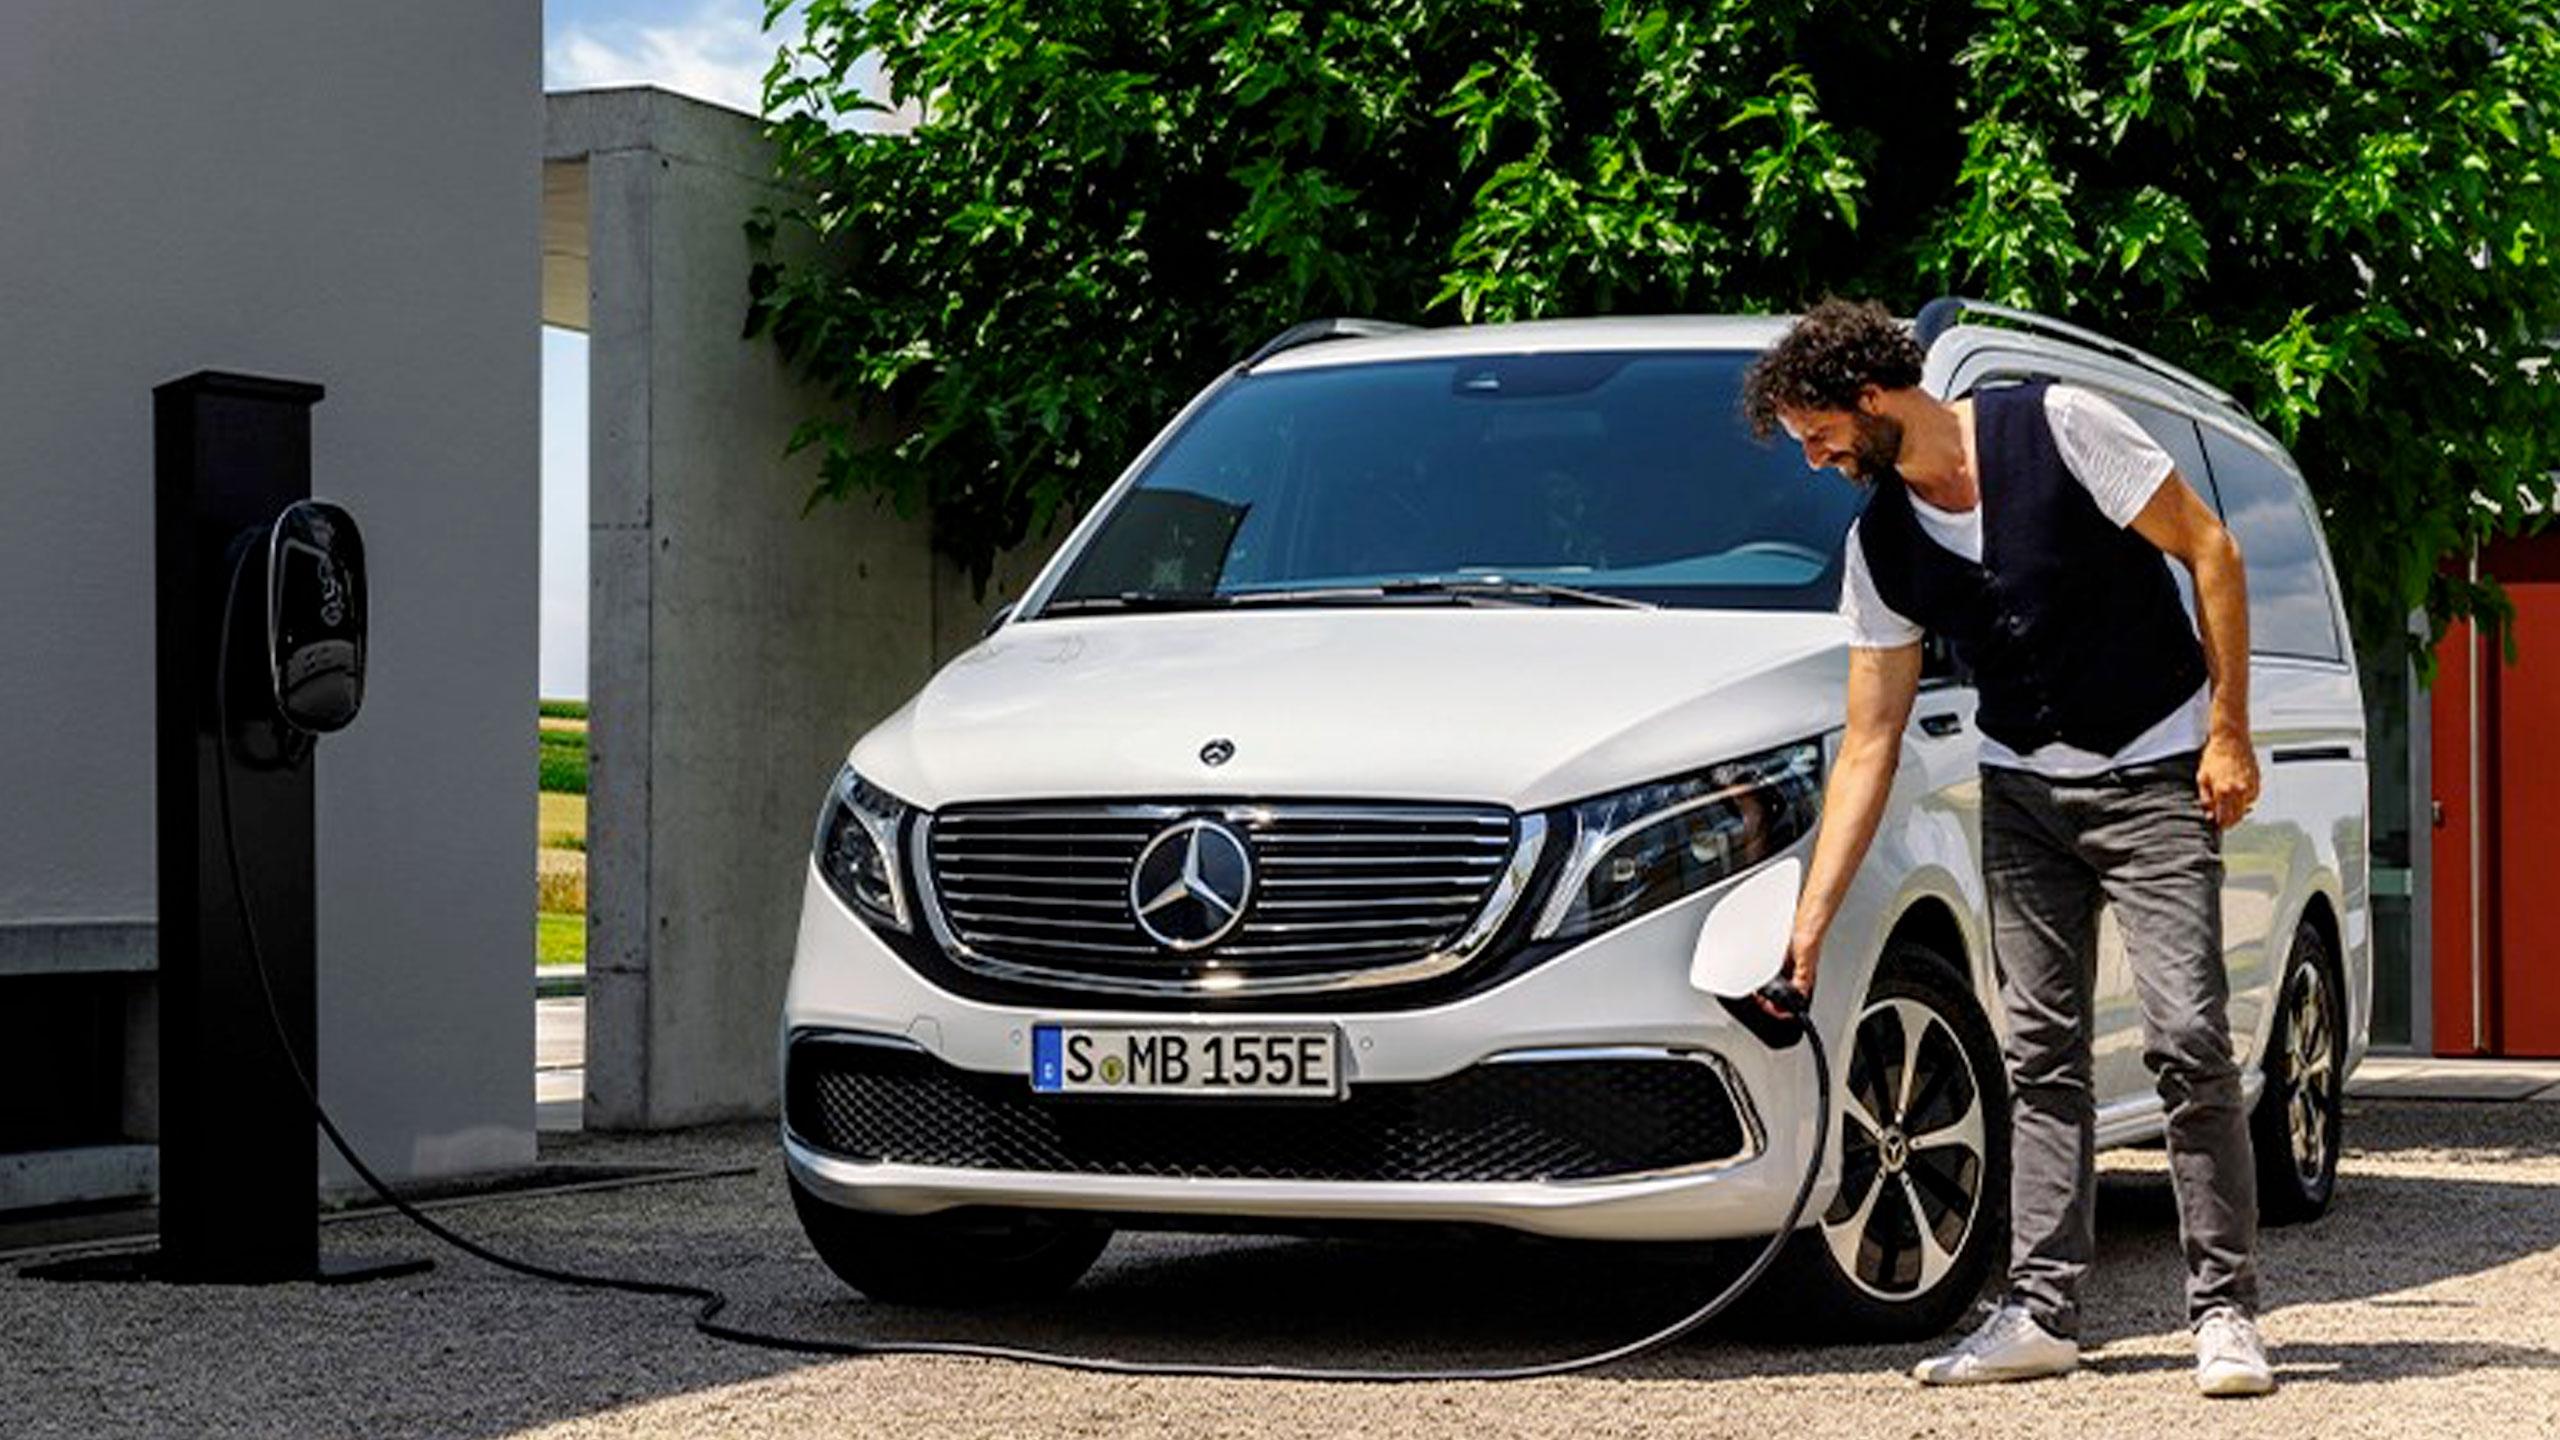 Utilitaire-Contrat-Services-Mercedes-Benz-01